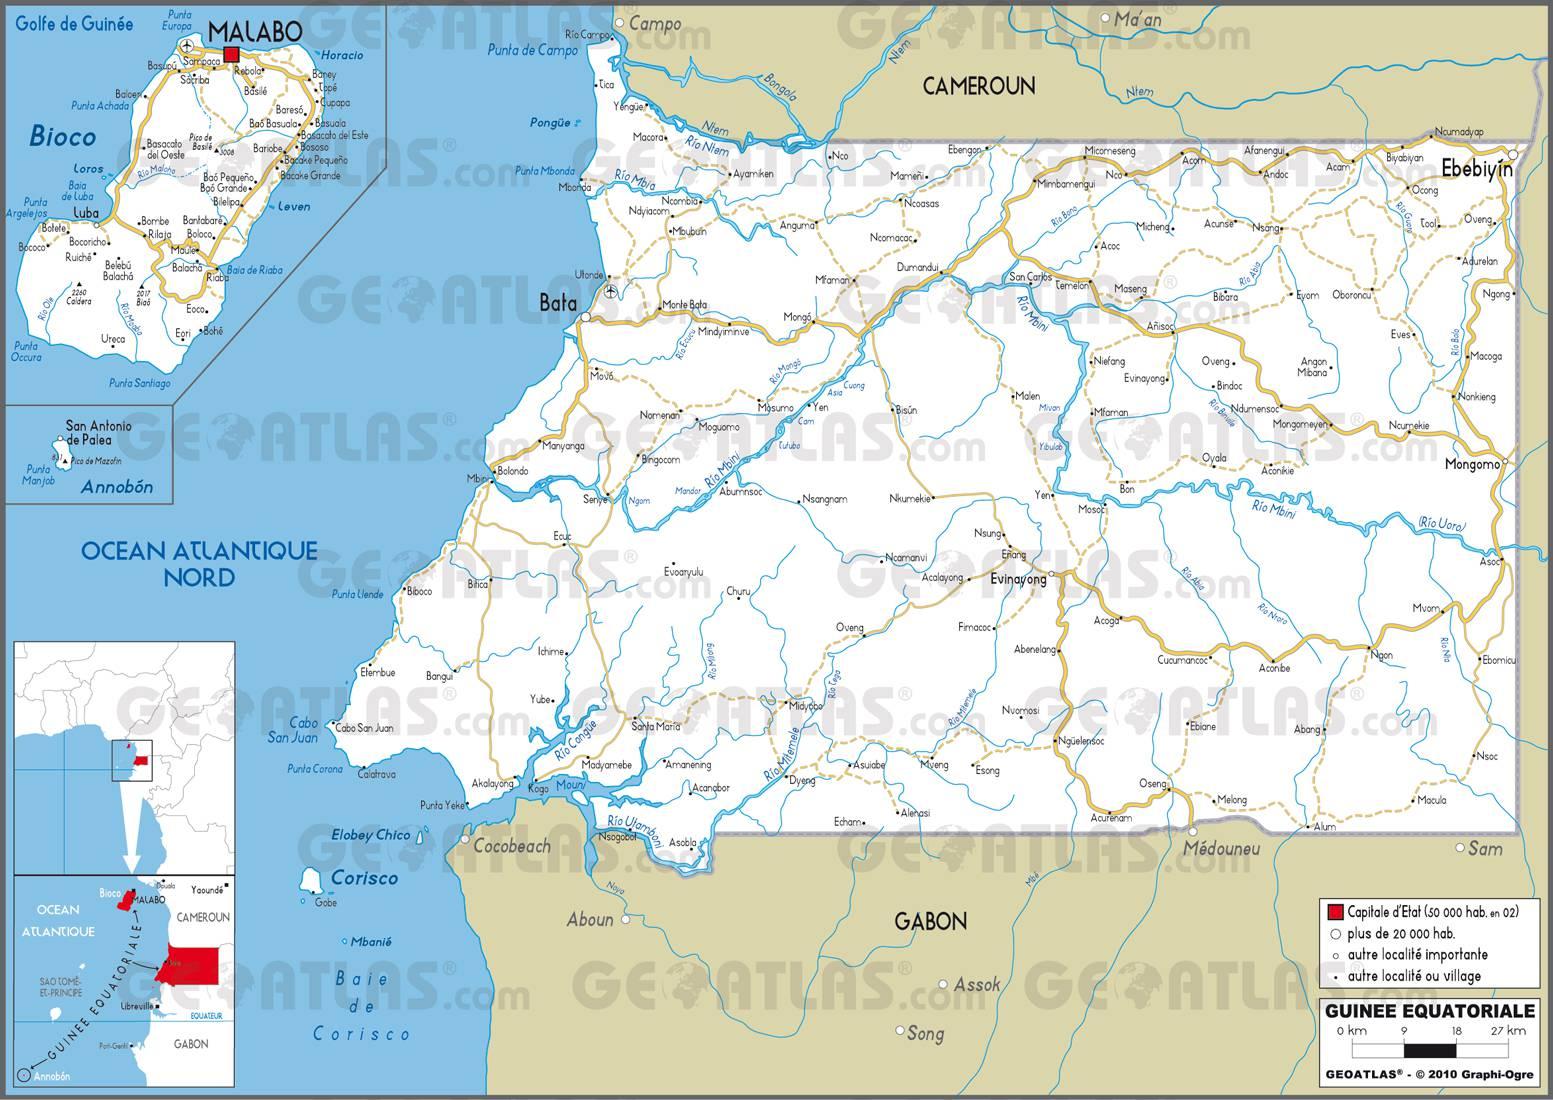 Carte routière de la Guinée-Equatoriale